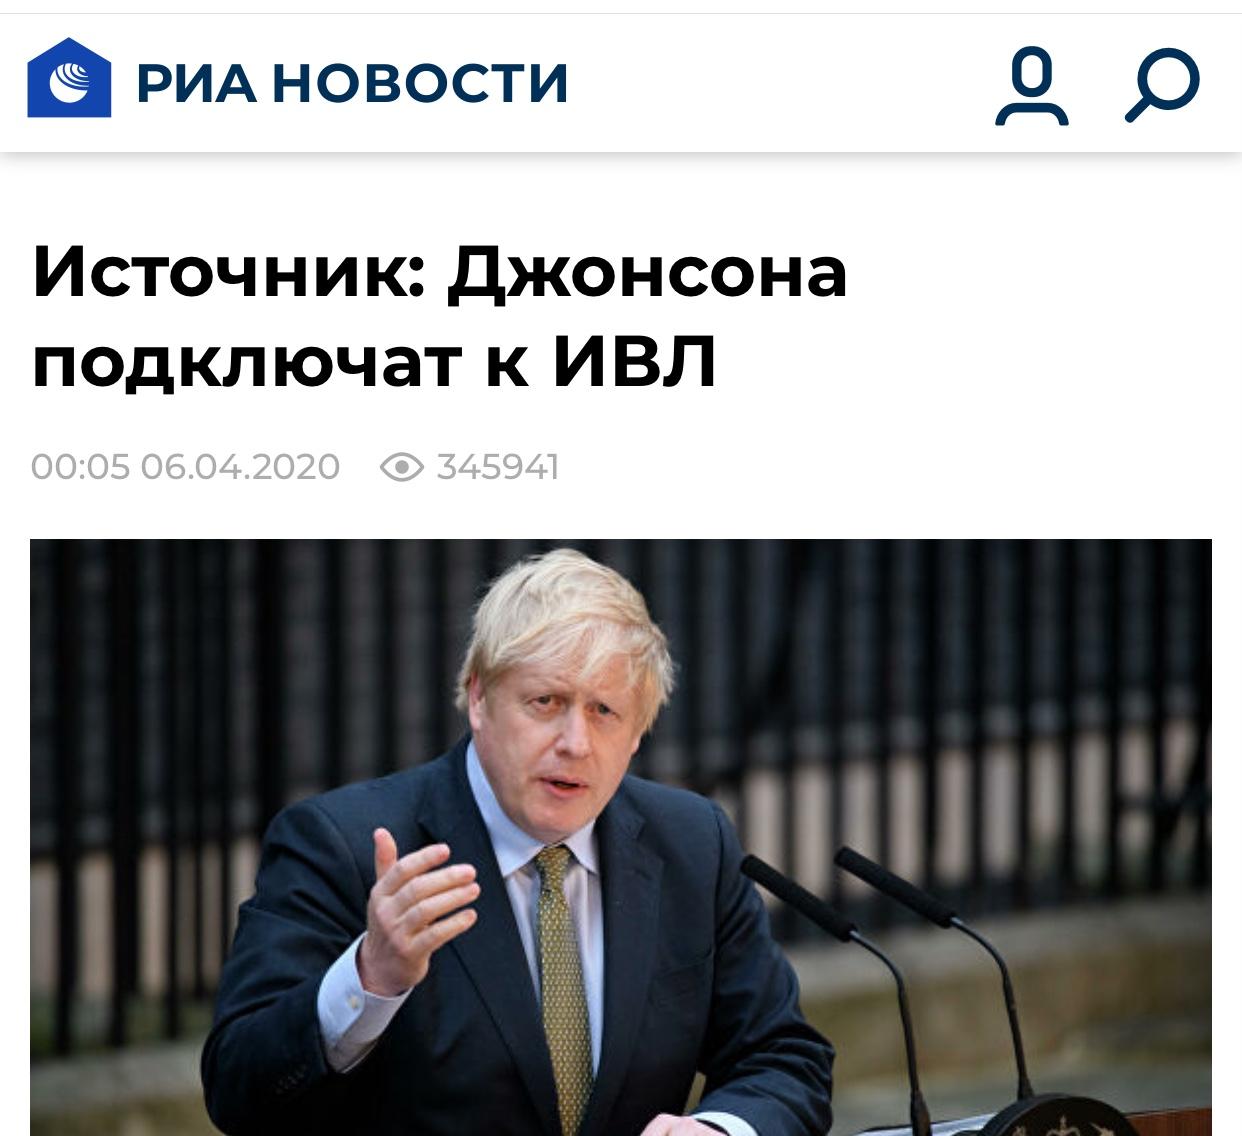 俄新社:消息人士称约翰逊将接受呼吸机治疗